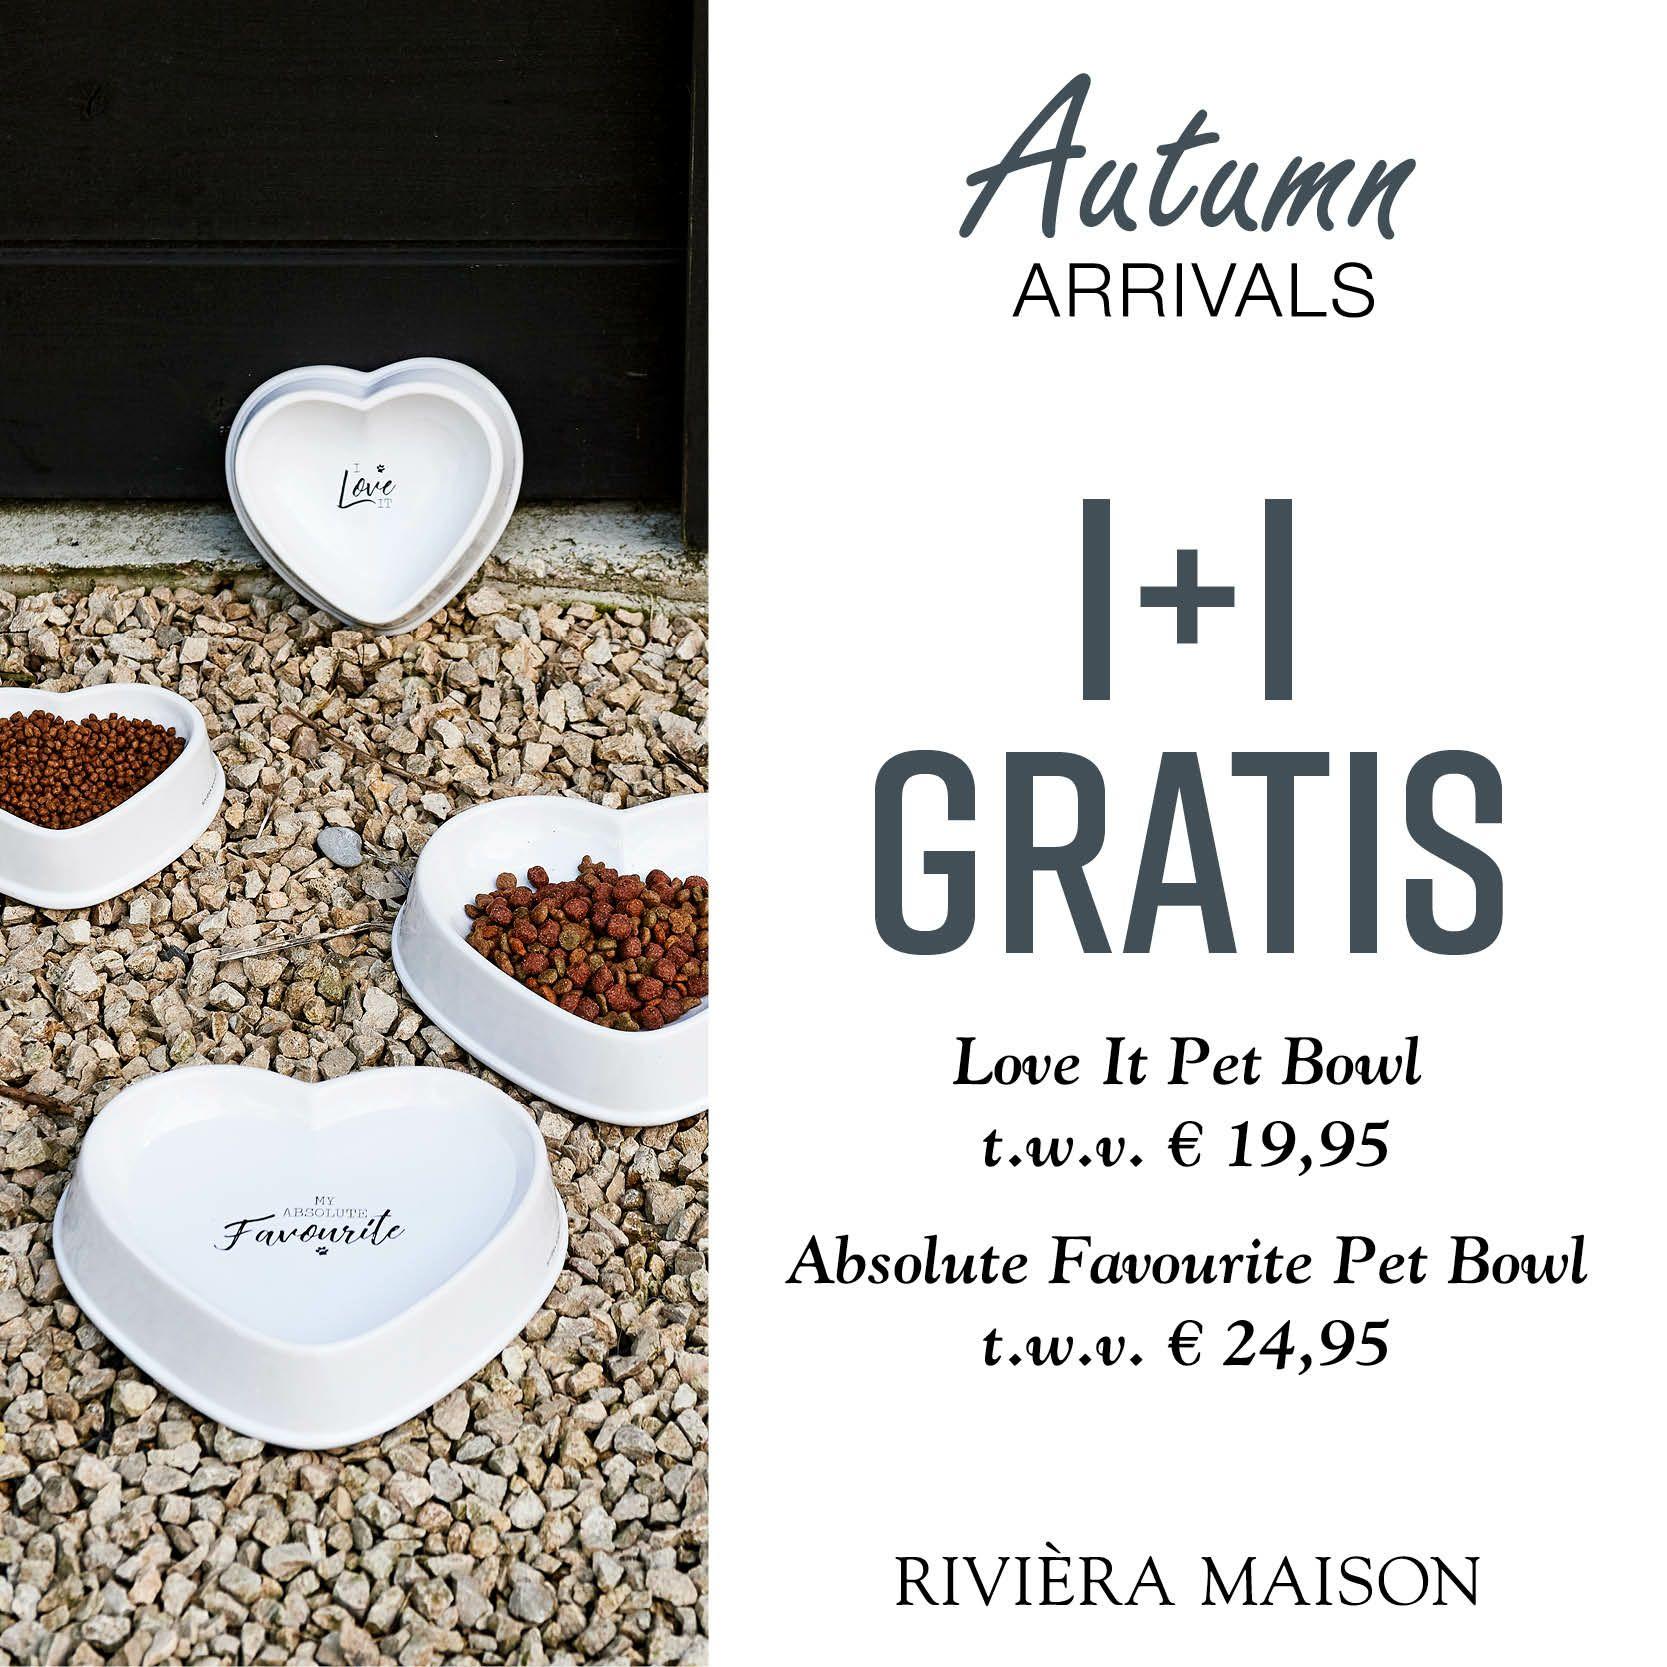 Riviera Maison Pet Bowl 1+1 gratis